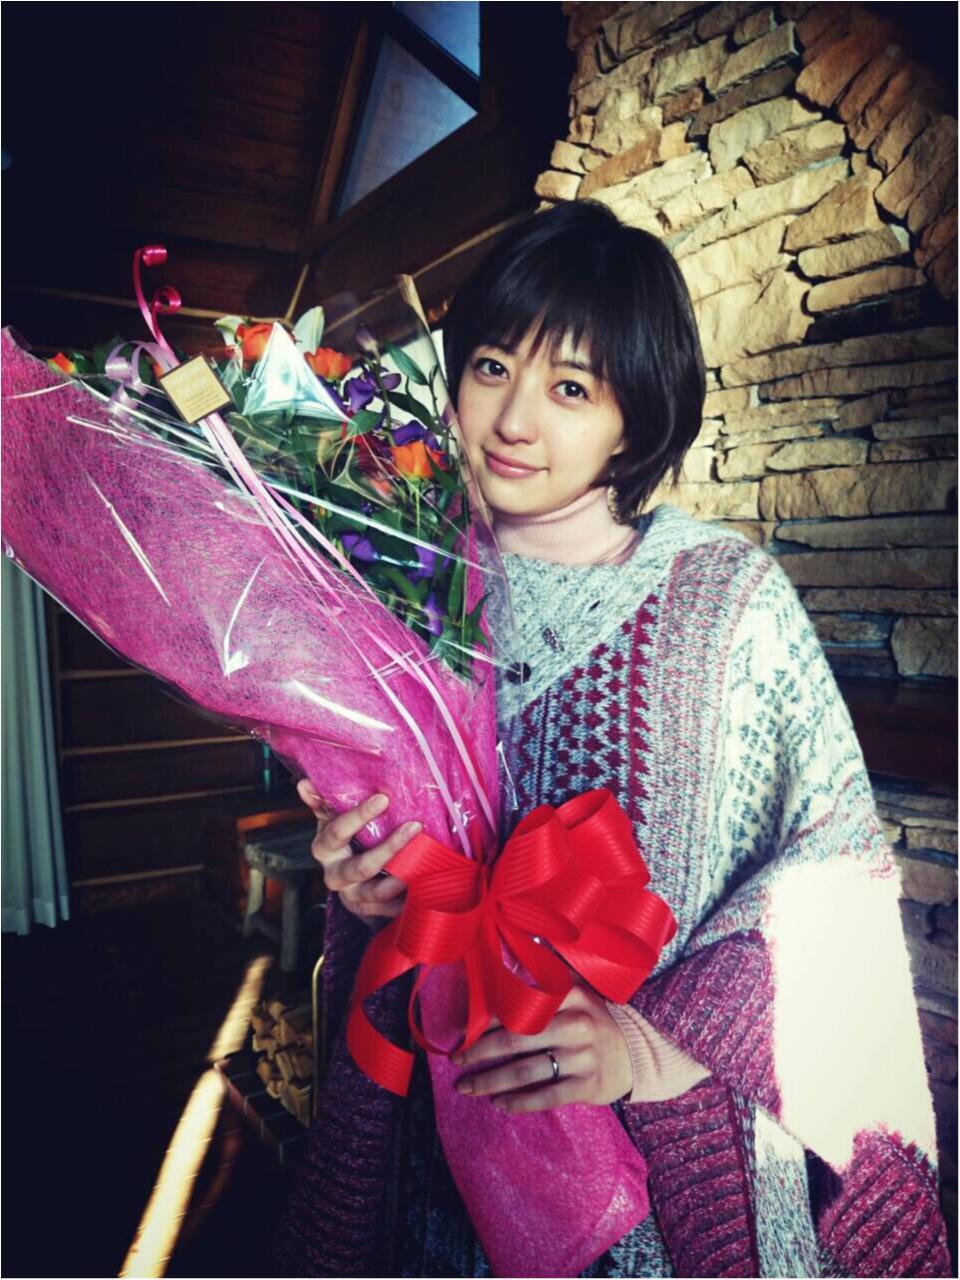 【オフショット】逢沢りなちゃんの主演ドラマ「新・牡丹と薔薇」、いよいよ最終回!!_1